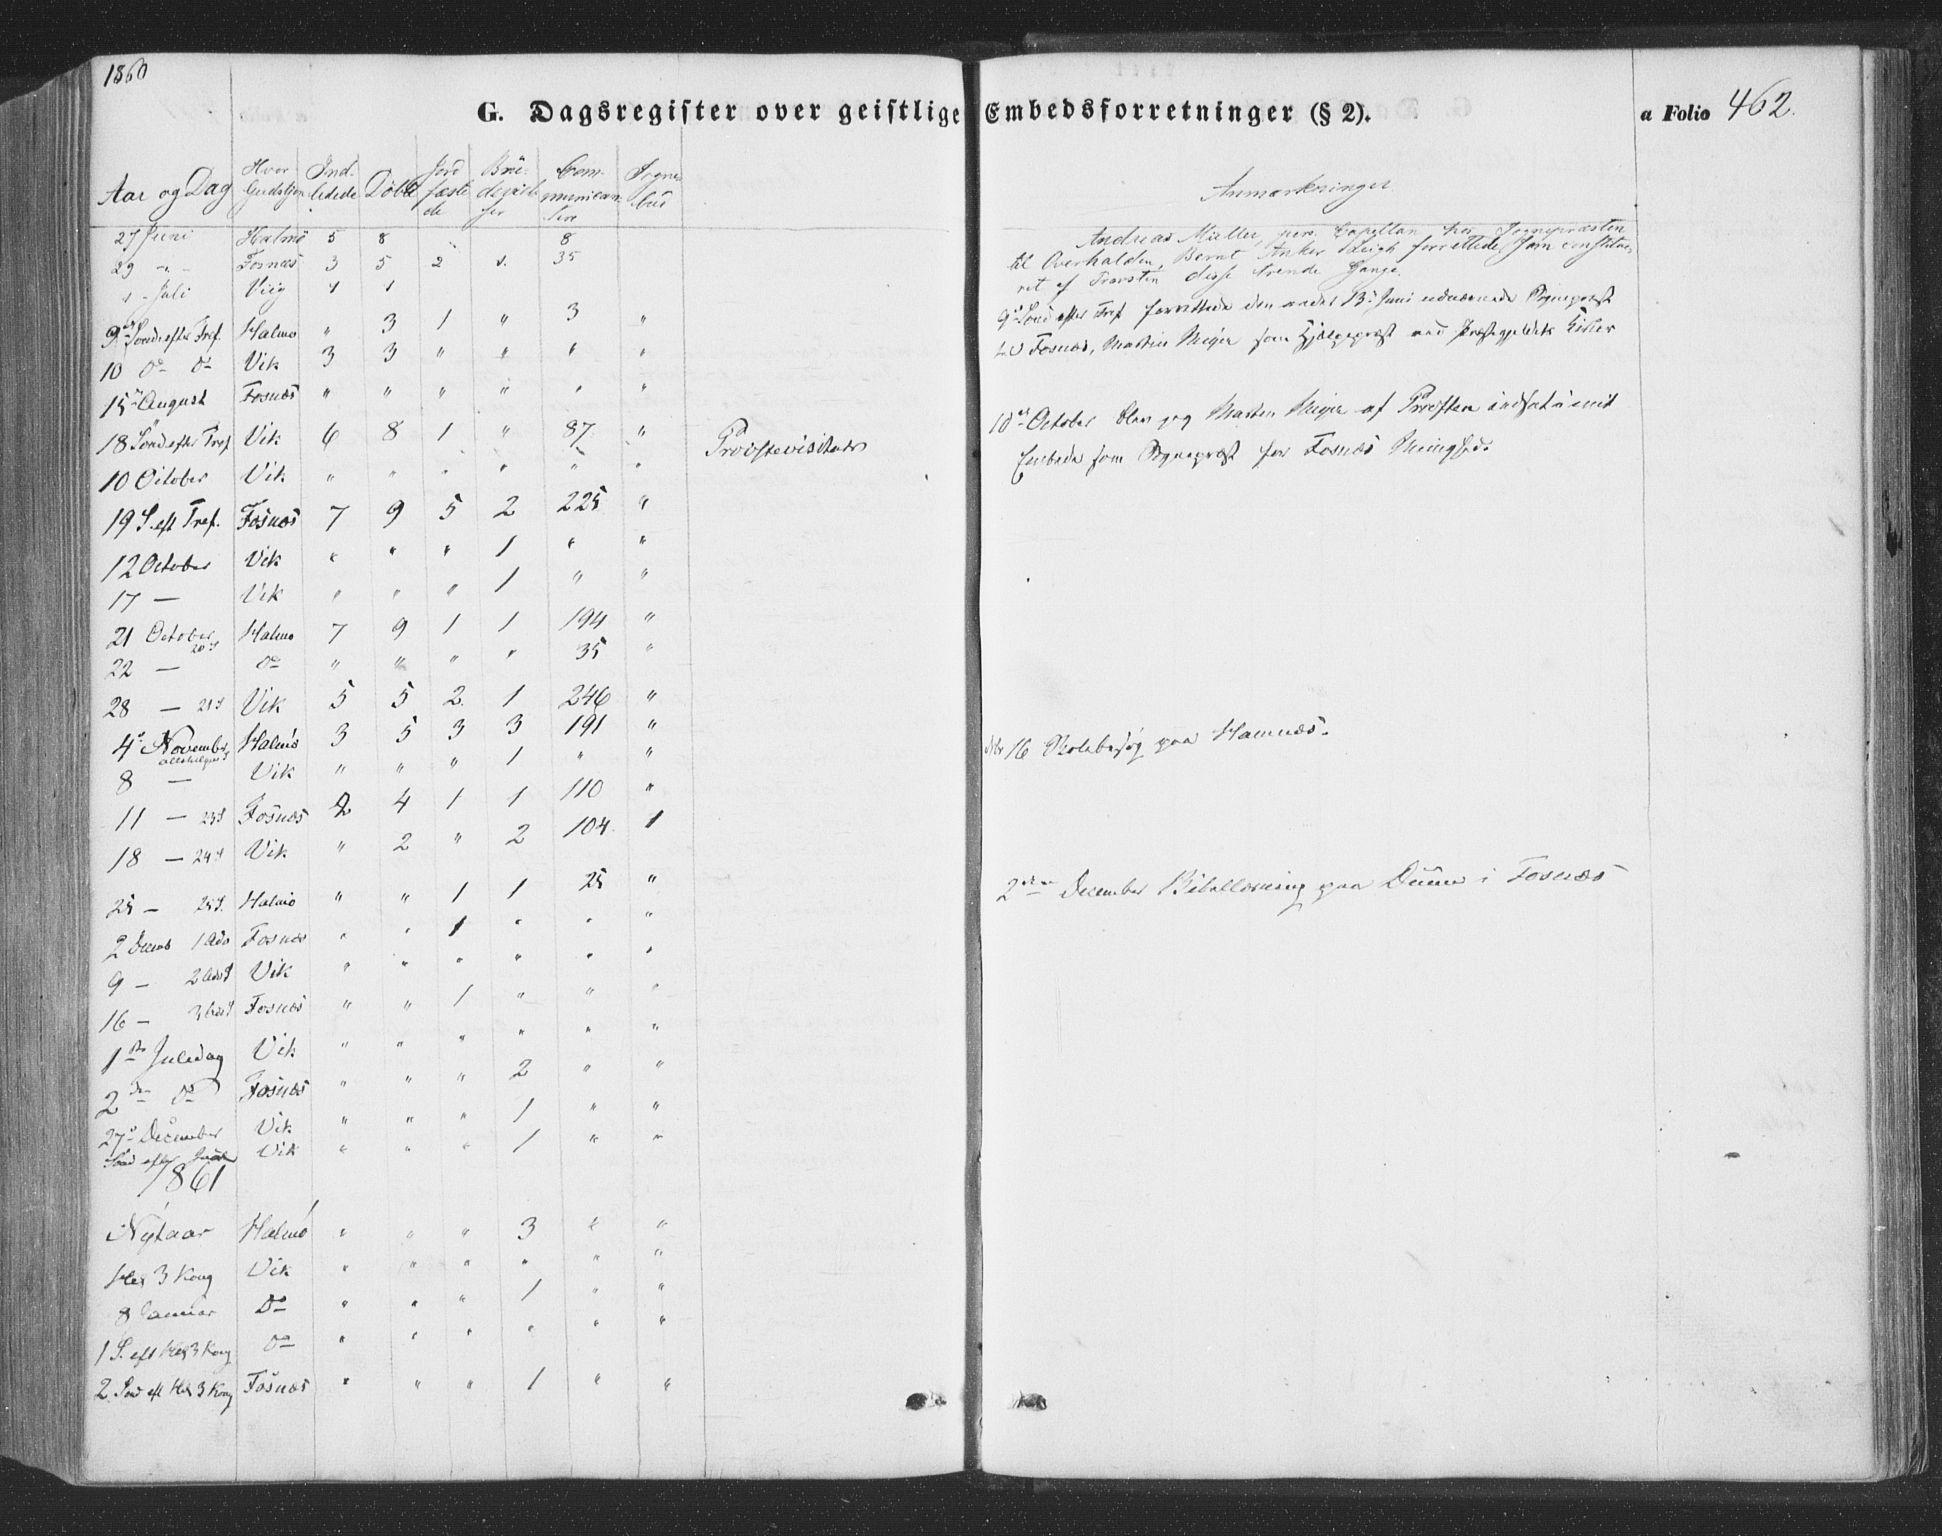 SAT, Ministerialprotokoller, klokkerbøker og fødselsregistre - Nord-Trøndelag, 773/L0615: Ministerialbok nr. 773A06, 1857-1870, s. 462